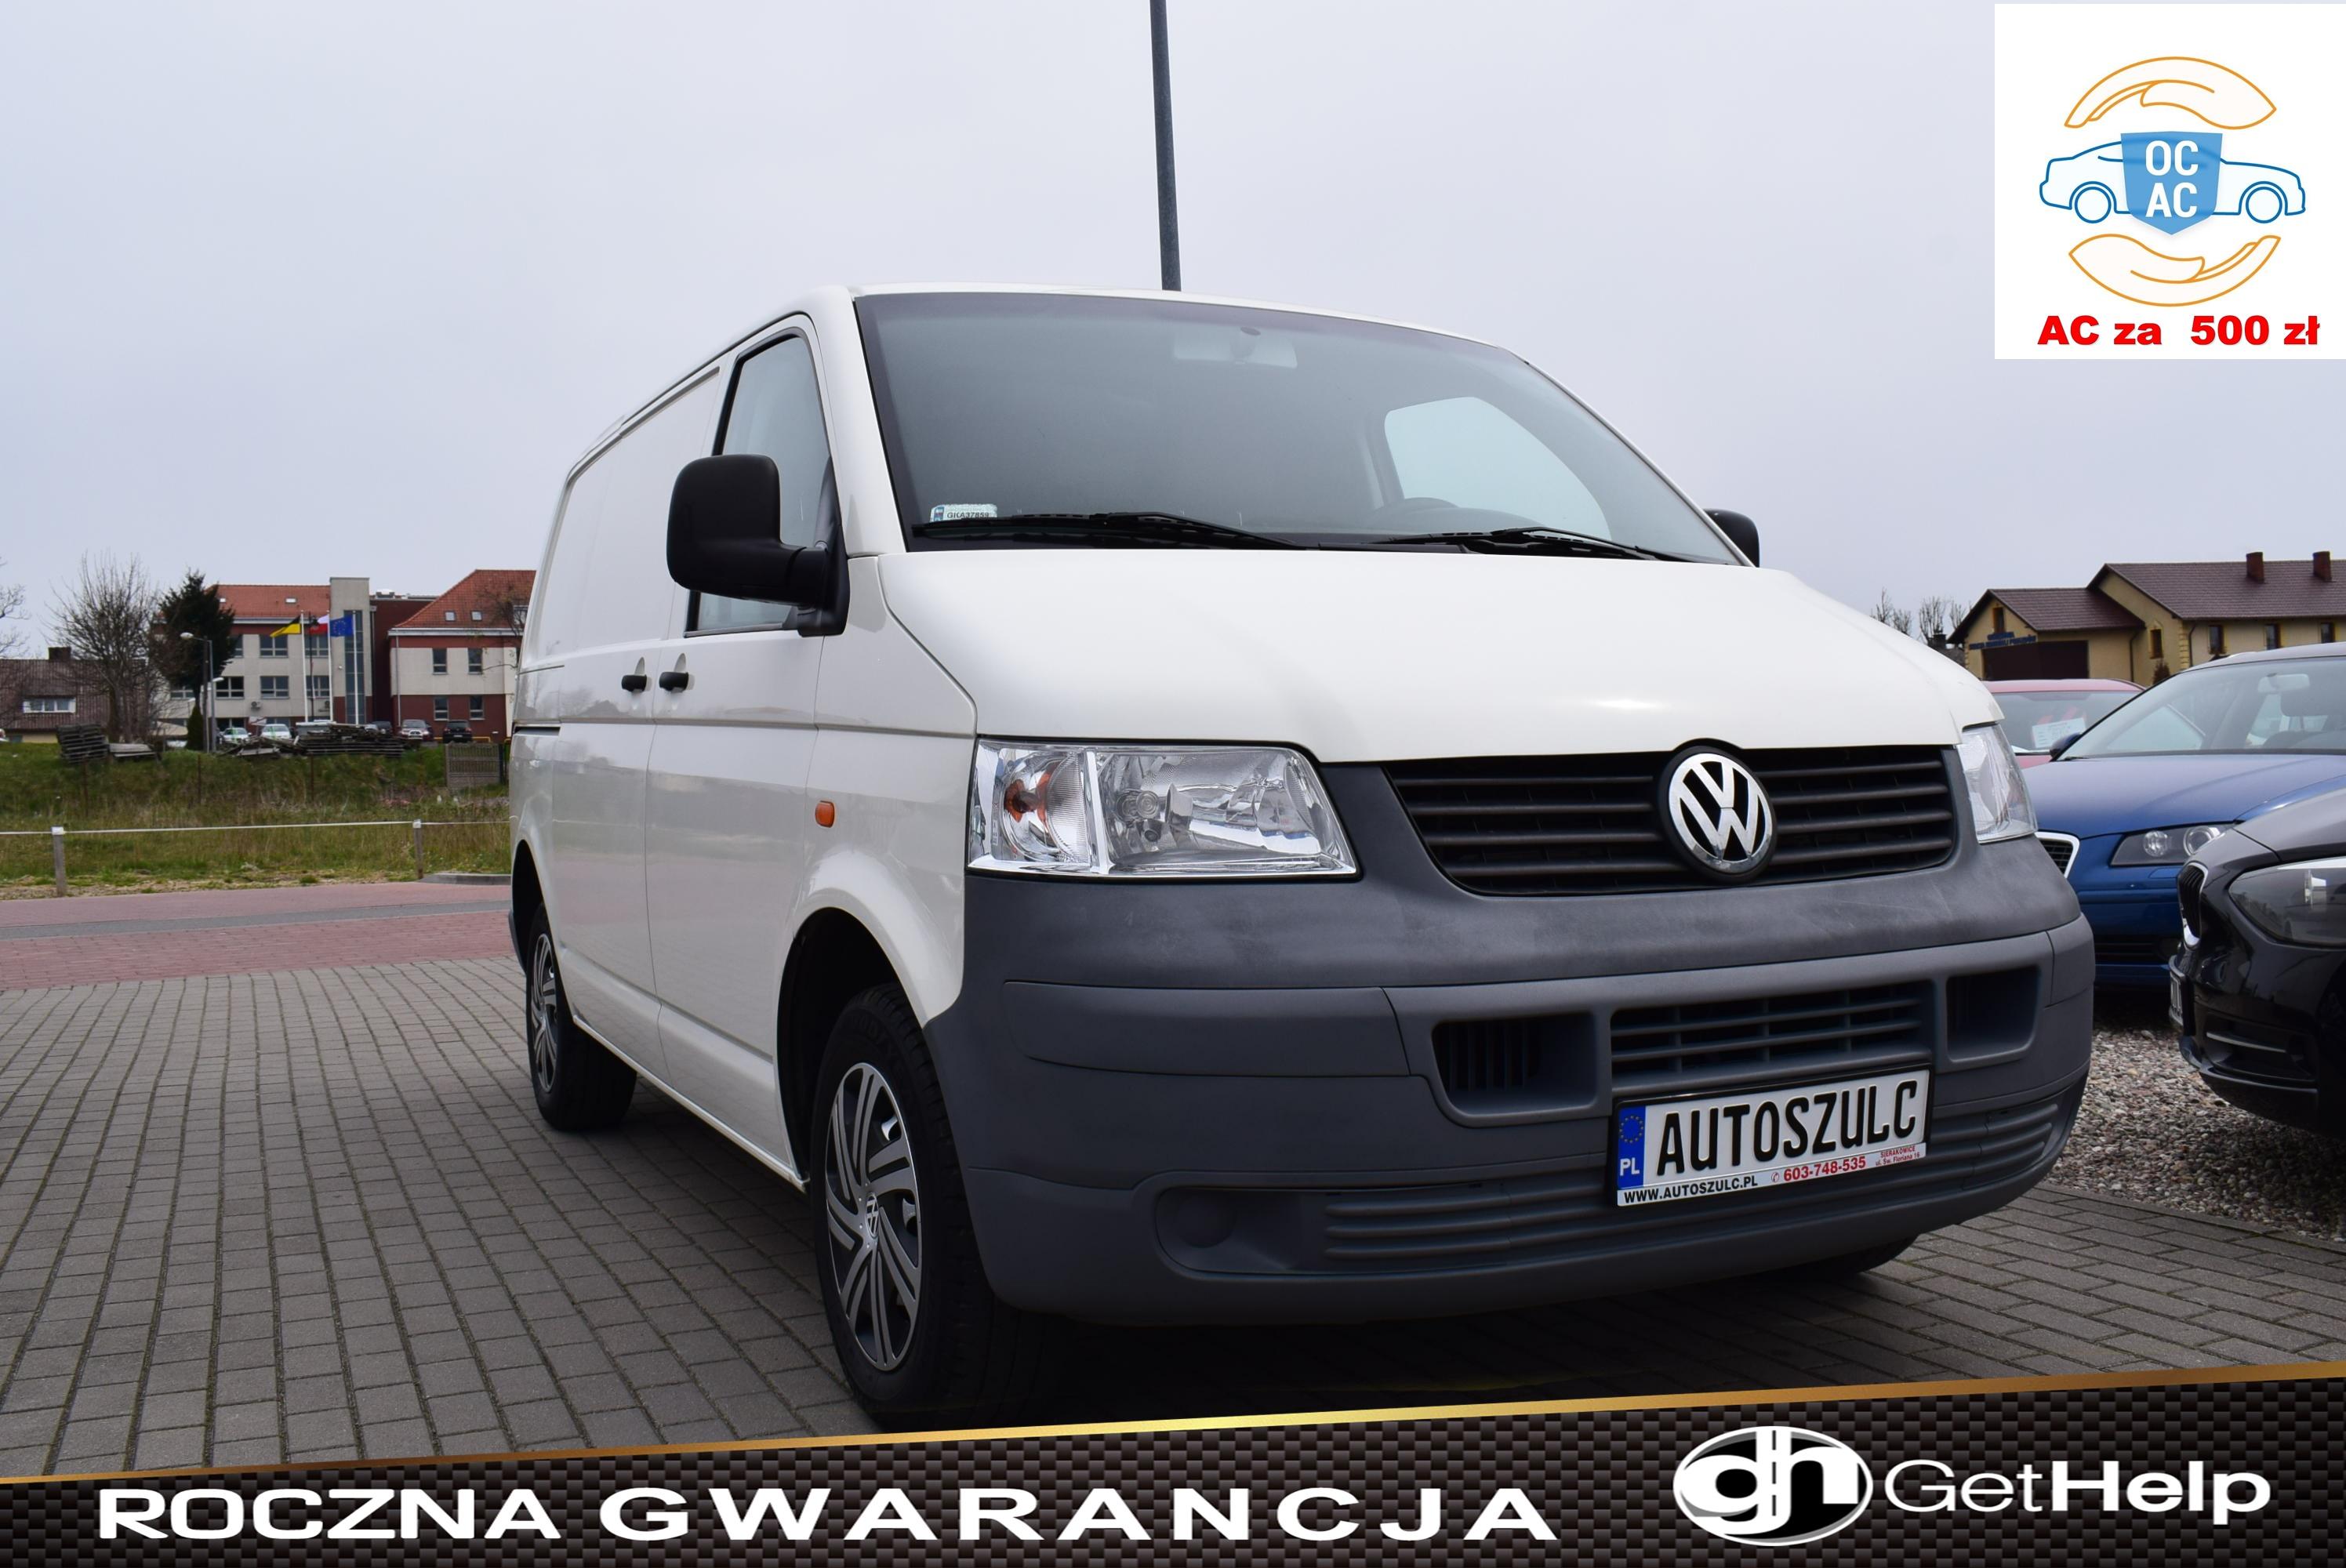 VW Transporter T5 1.9 TDI, Ciężarowy, 3-osobowy, Spełnia warunki Vat-1, Zarejestrowany, I-Właściciel, Model : 2006, Rok Gwarancji